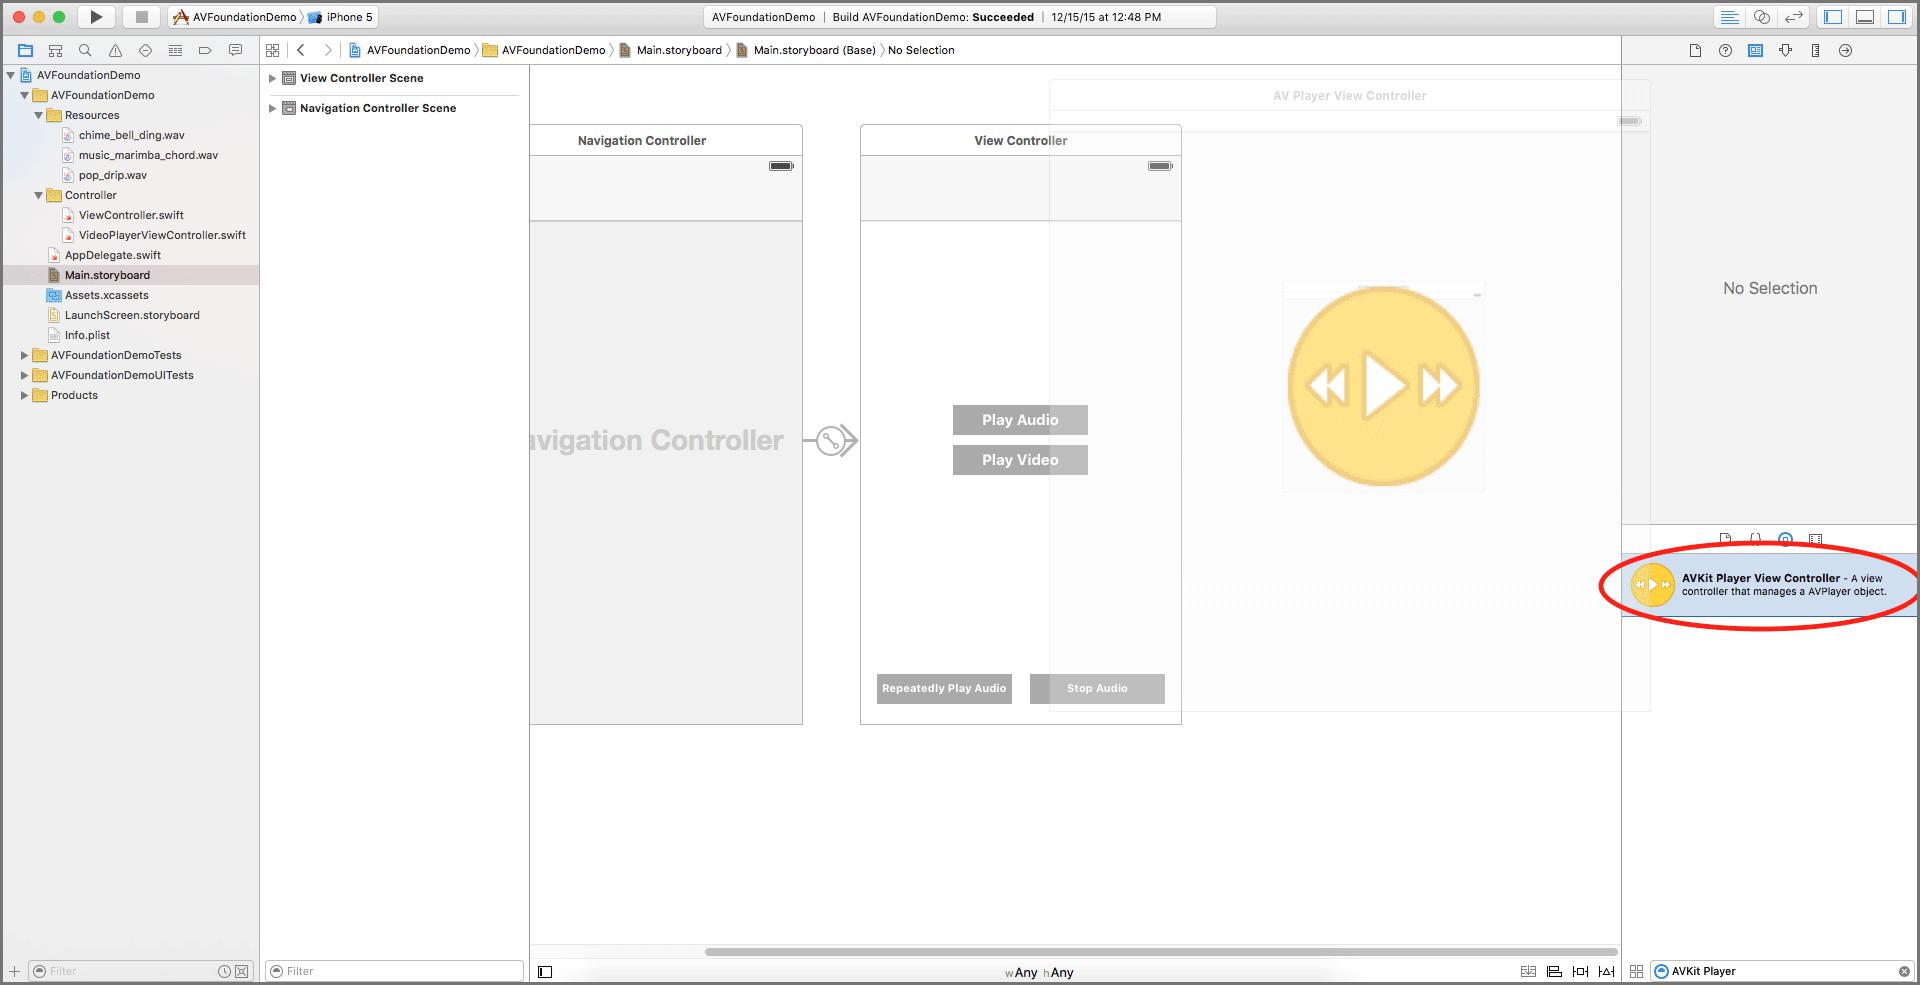 avkkit-player-view-controller